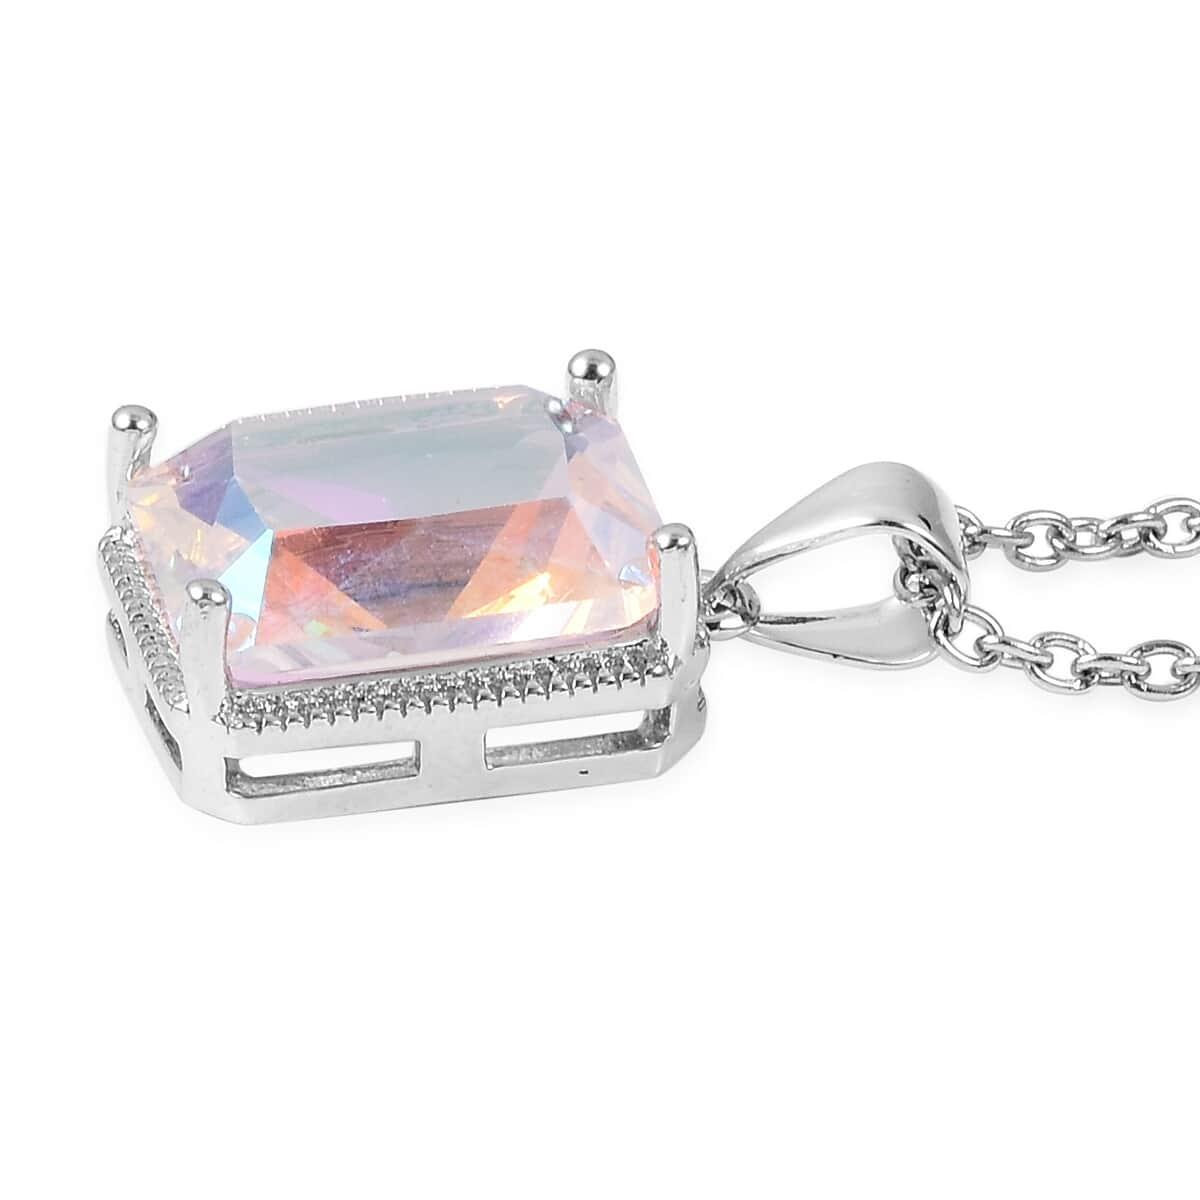 12-Color-Options-Cubic-Zirconia-Bracelet-Chain-Pendant-Necklace-Set-Adjustable thumbnail 51